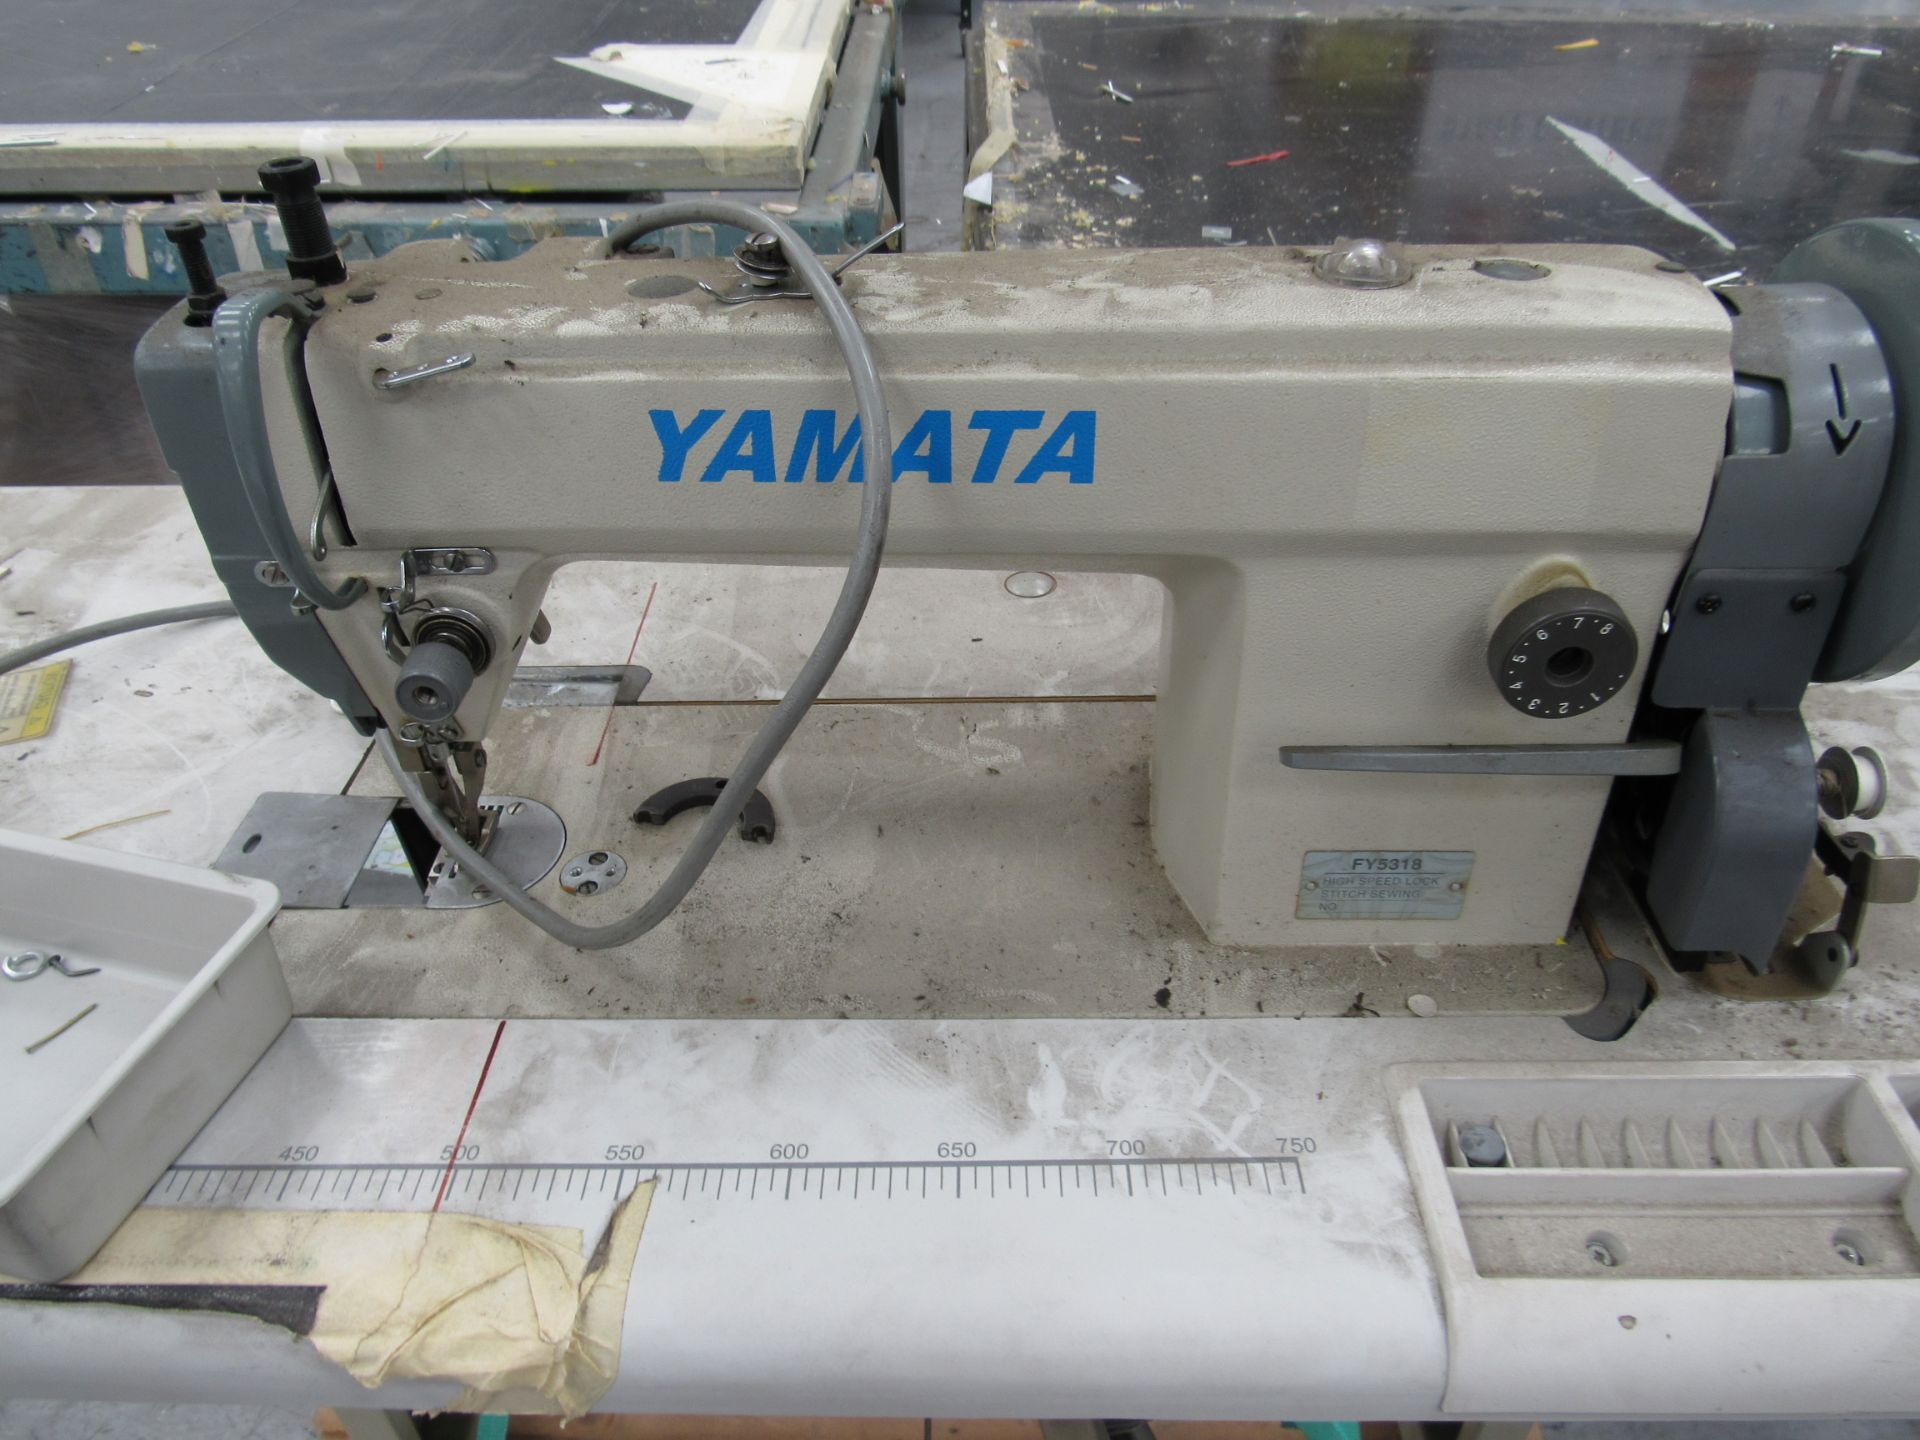 Yamata FY5318 High Speed Lock Stitch Sewing Machine - Image 3 of 4